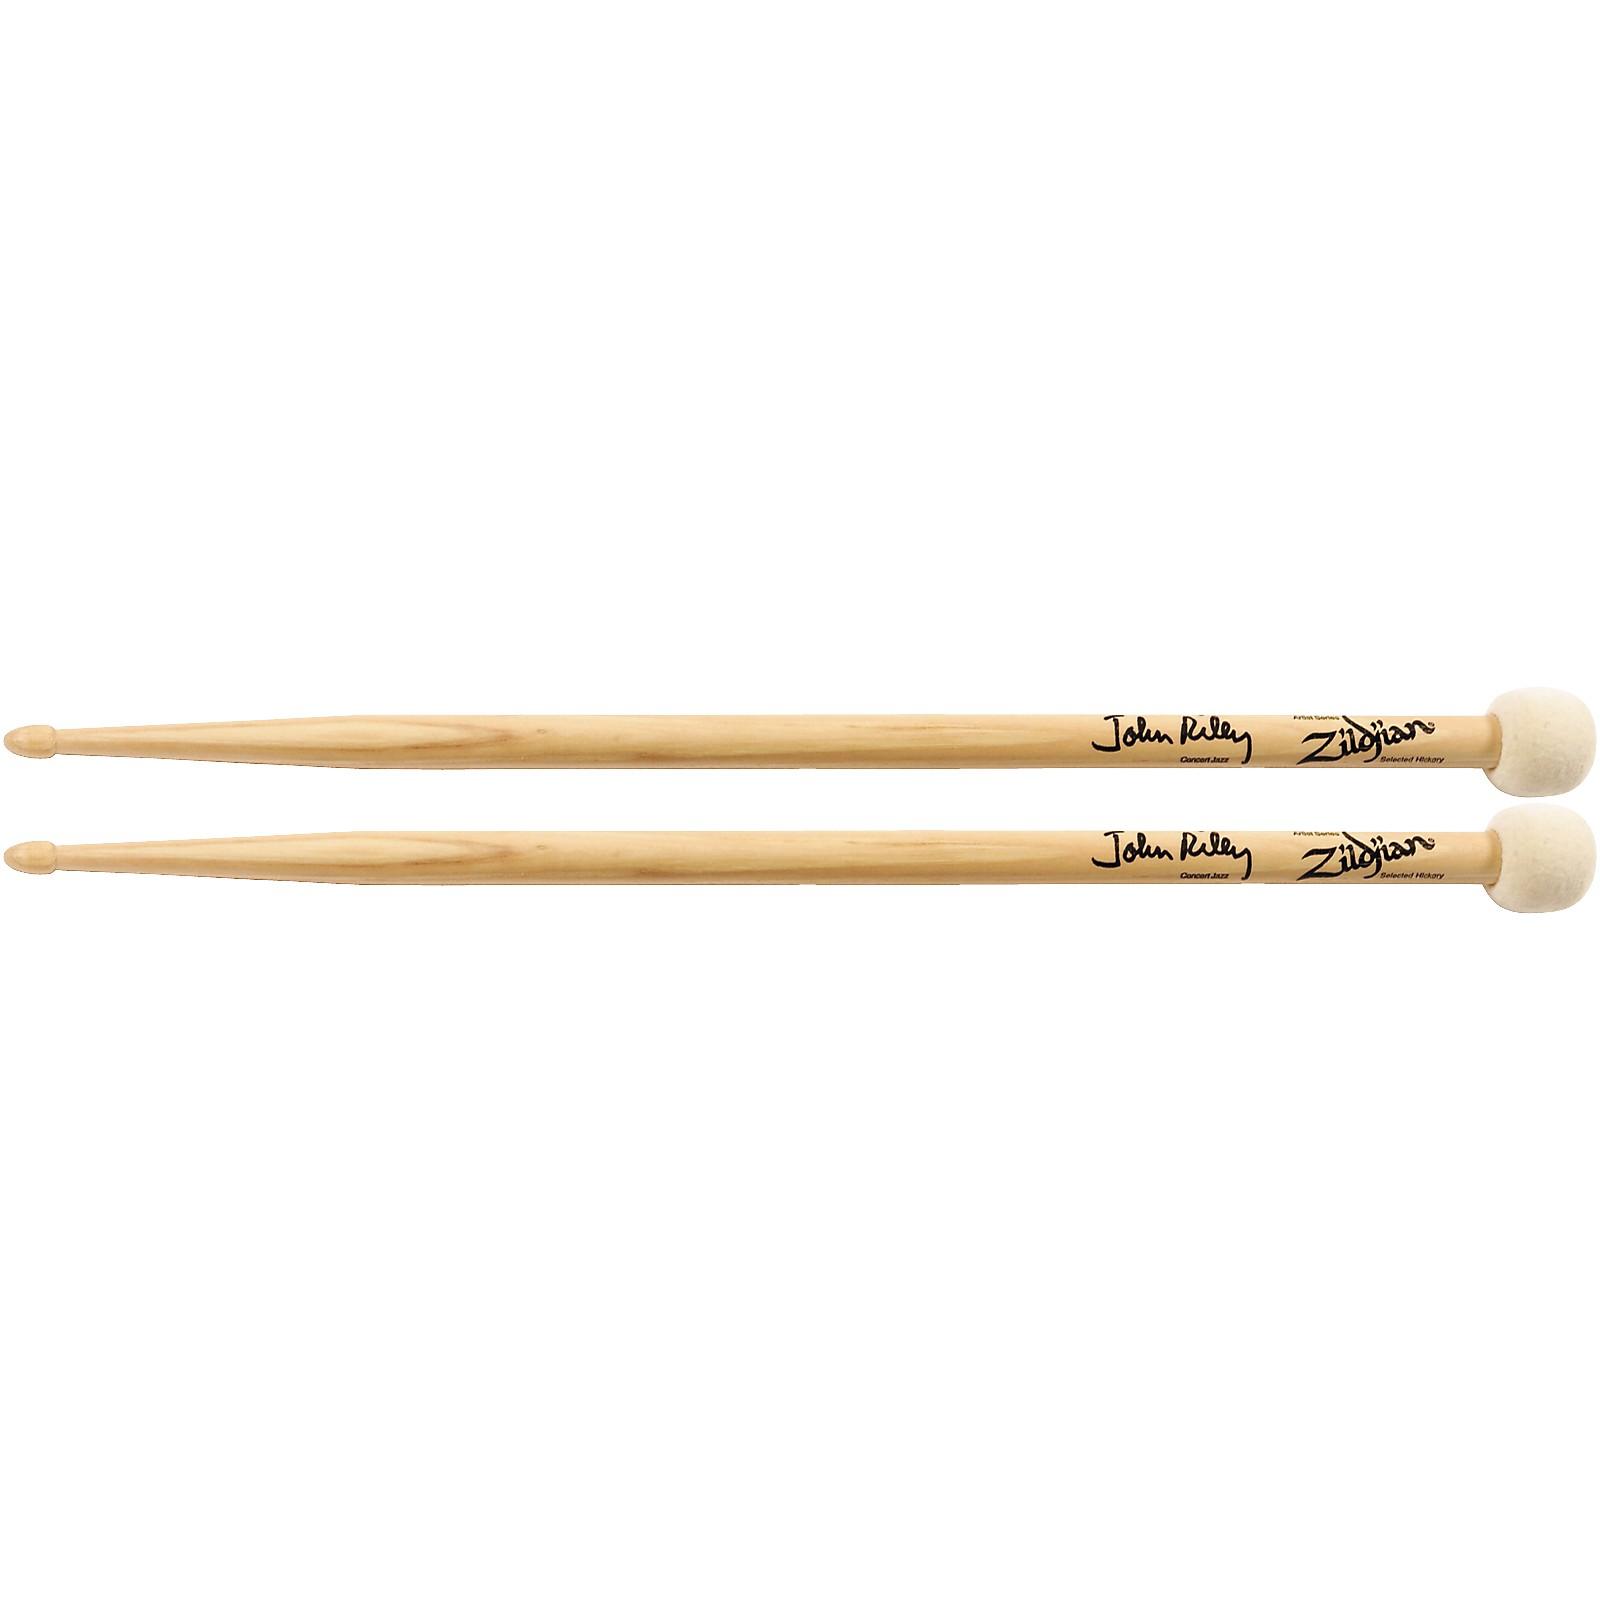 Zildjian John Riley Double Stick-Mallet